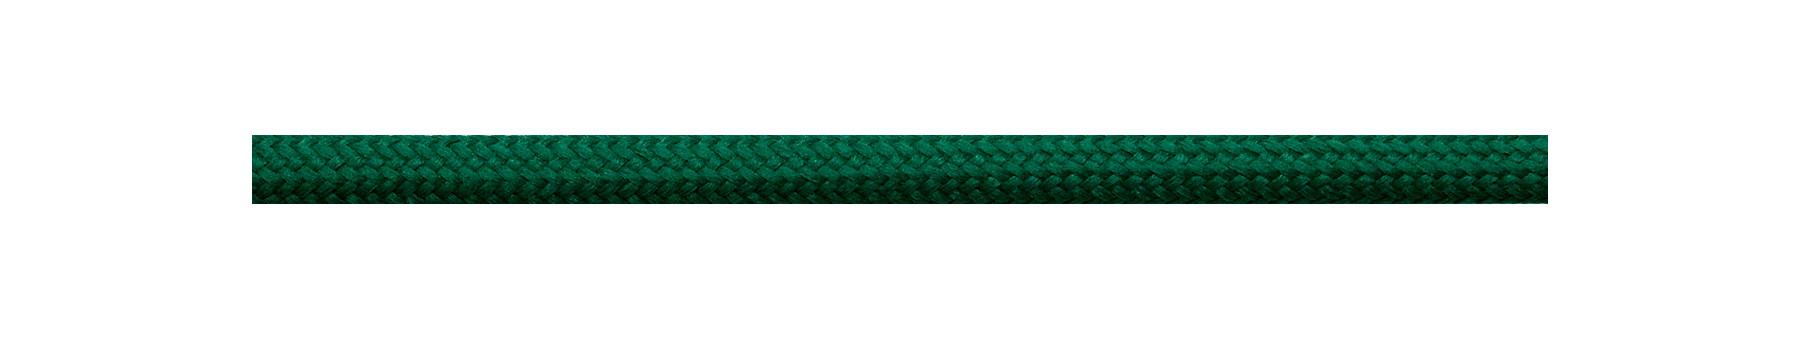 Textilkabel Grün